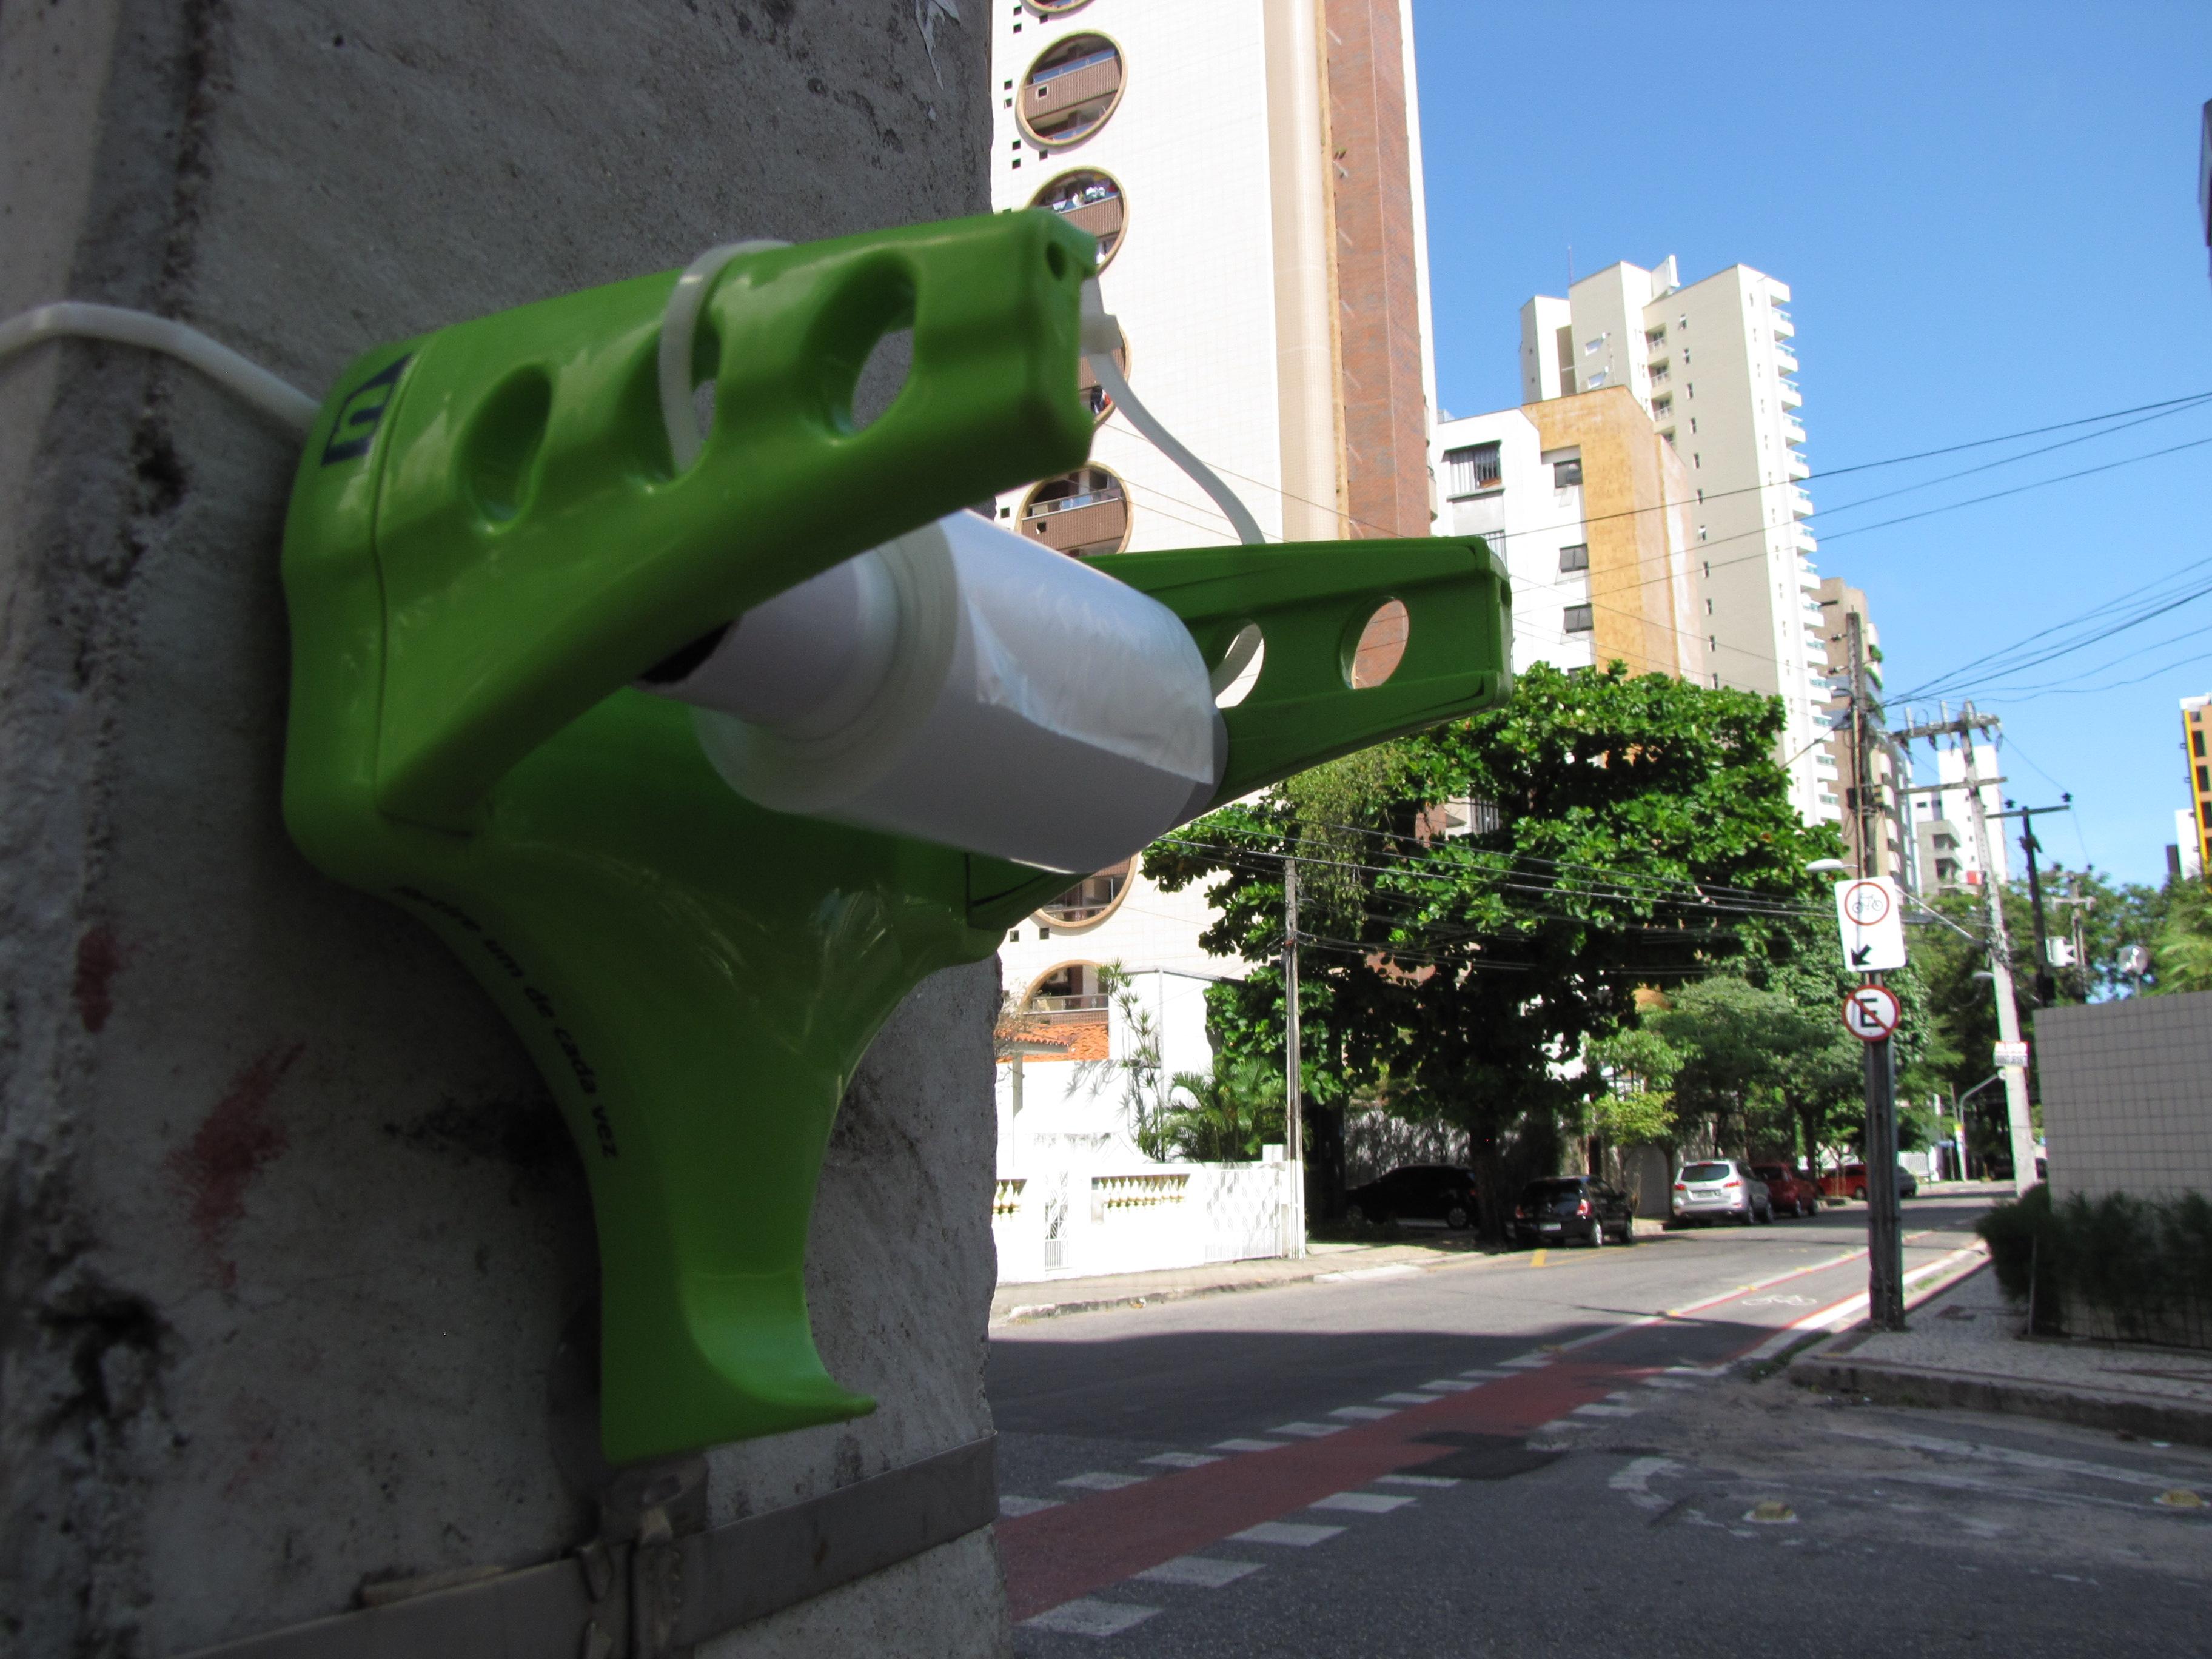 Equipamento pretende diminuir sujeiras nas ruas da cidade (FOTO: Célio Belém)